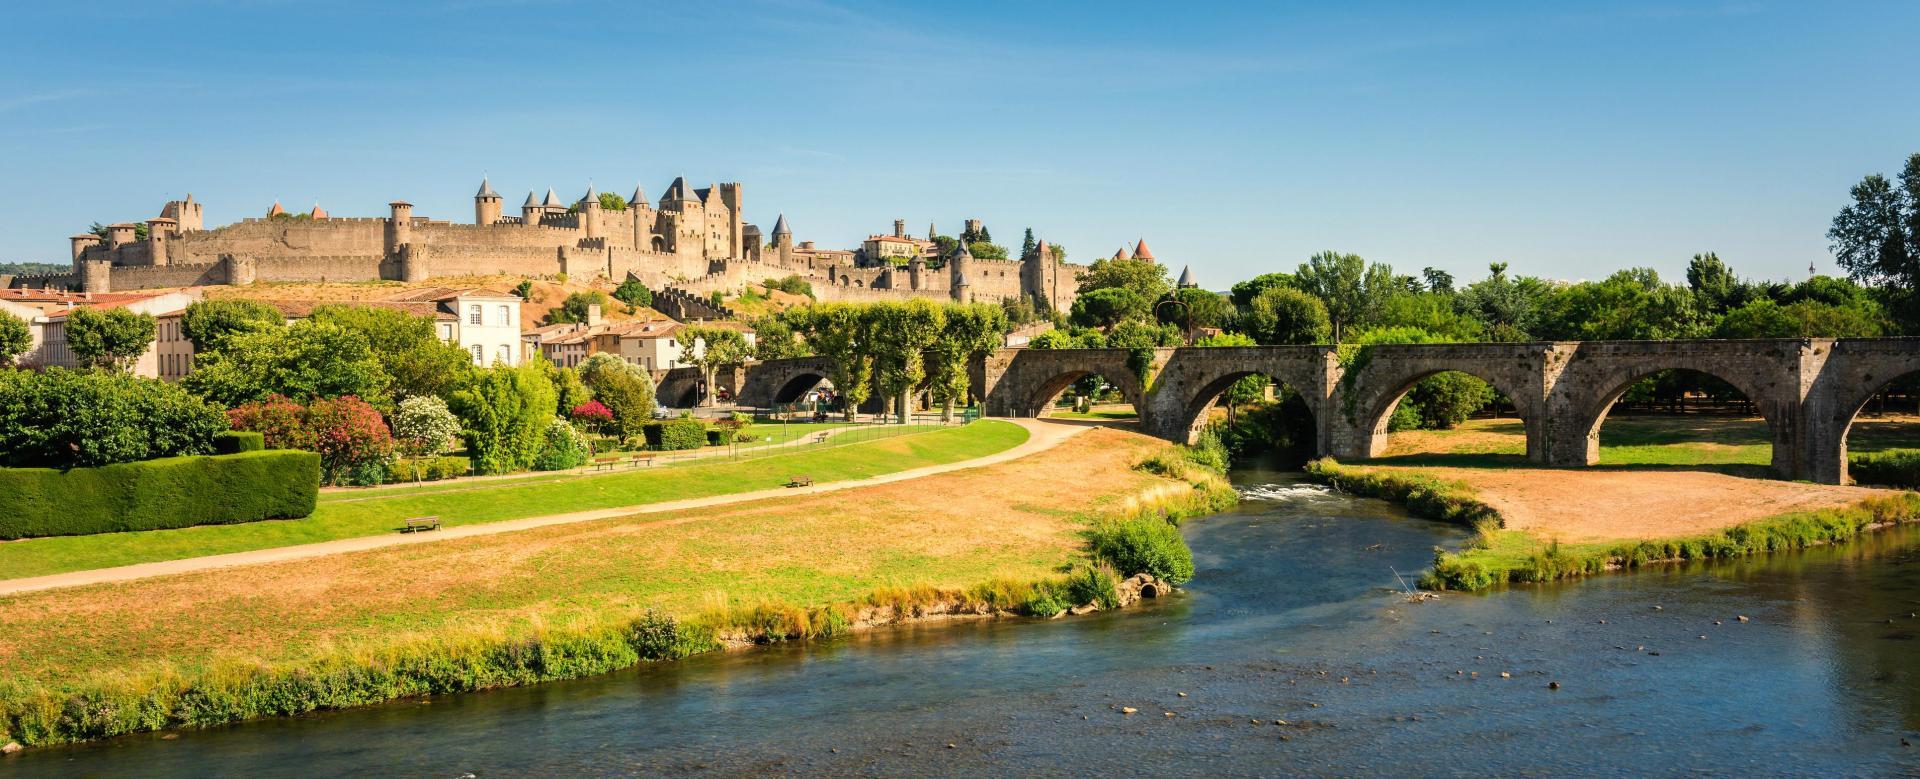 Voyage en véhicule France : Le canal du midi à vélo